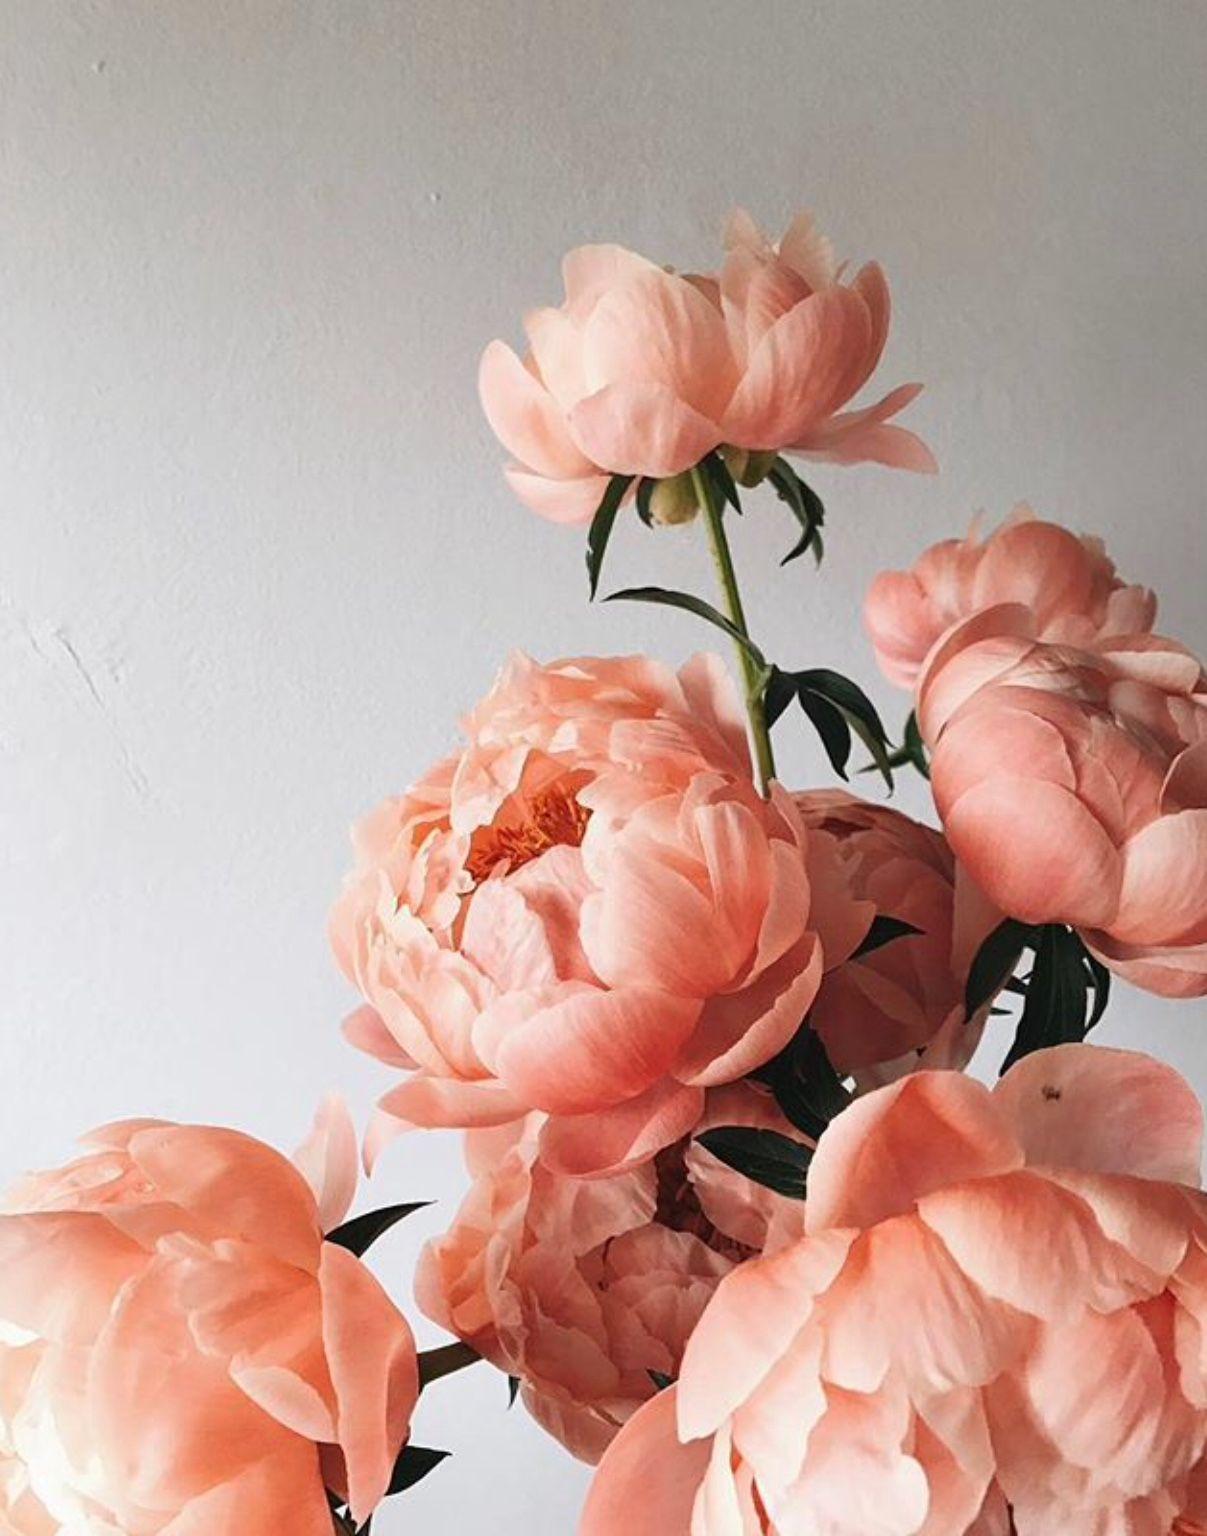 Pin By Emma Novak On Flora Flower Aesthetic Pretty Flowers Beautiful Flowers